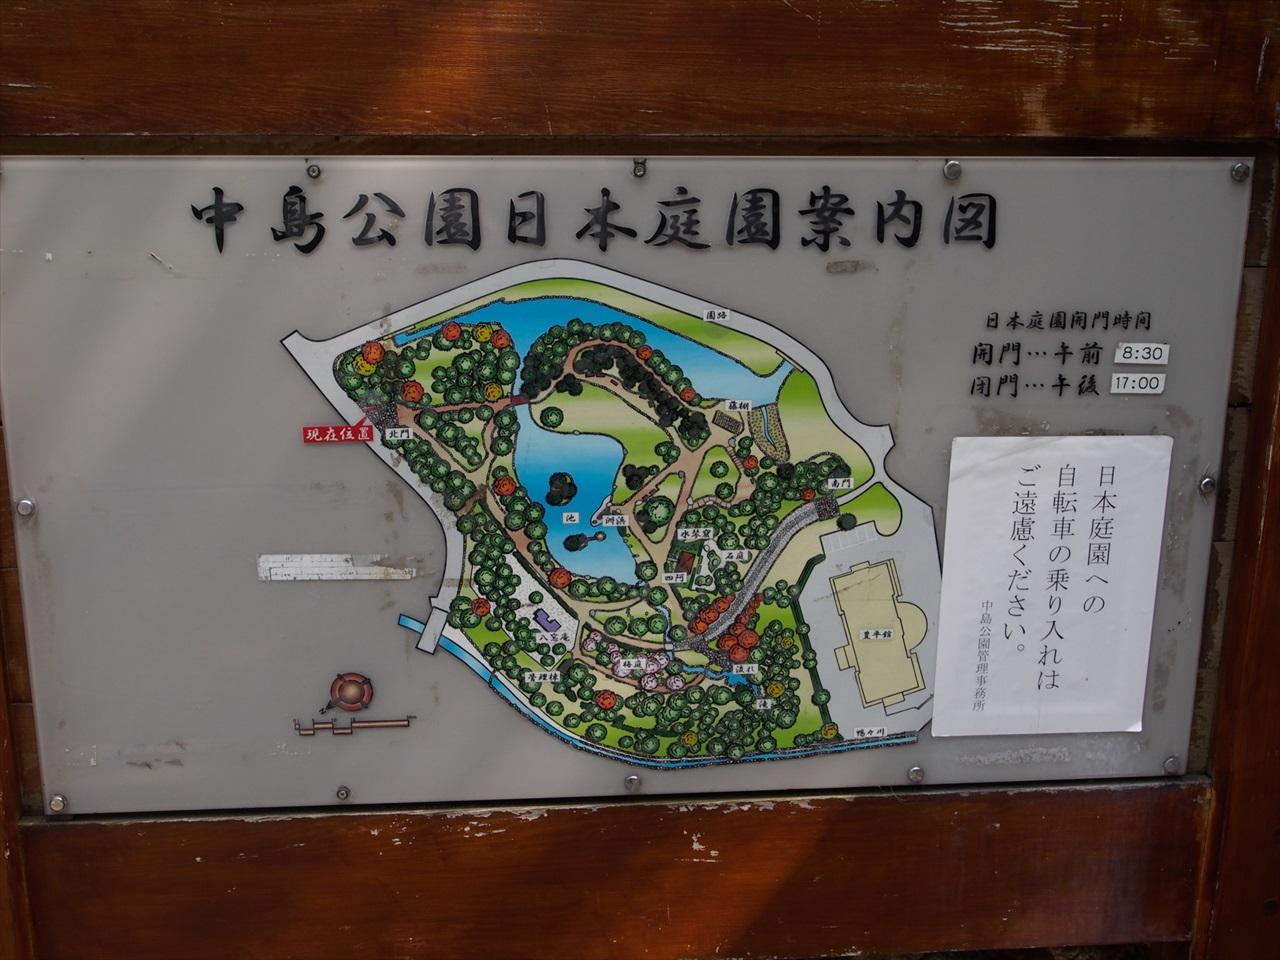 中島公園日本庭園案内図